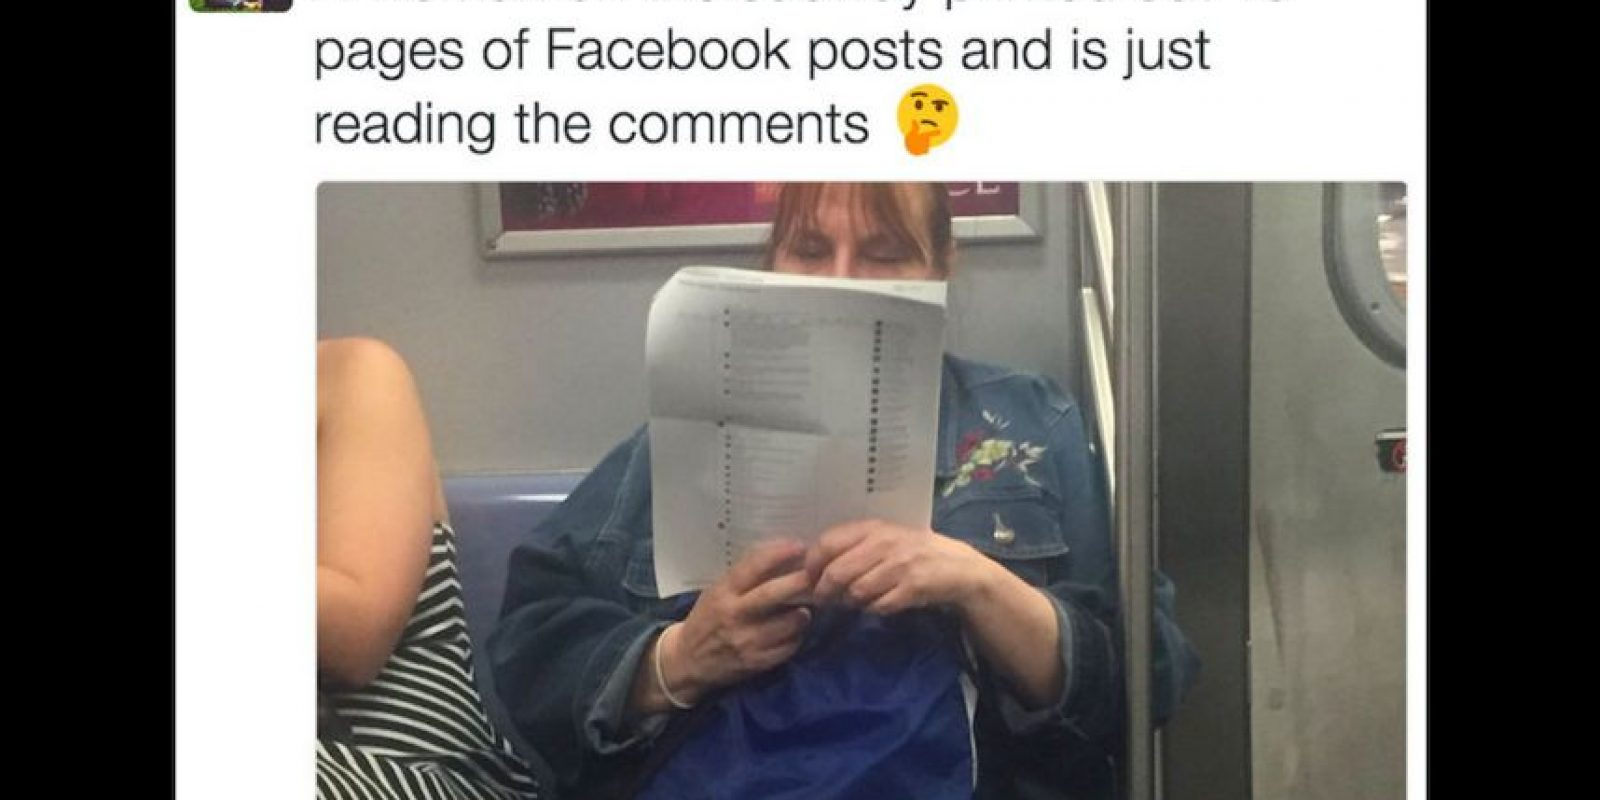 La imagen de esta mujer leyendo comentarios de Facebook en páginas impresas se ha vuelto viral. Foto:Twitter @AlexSteinman